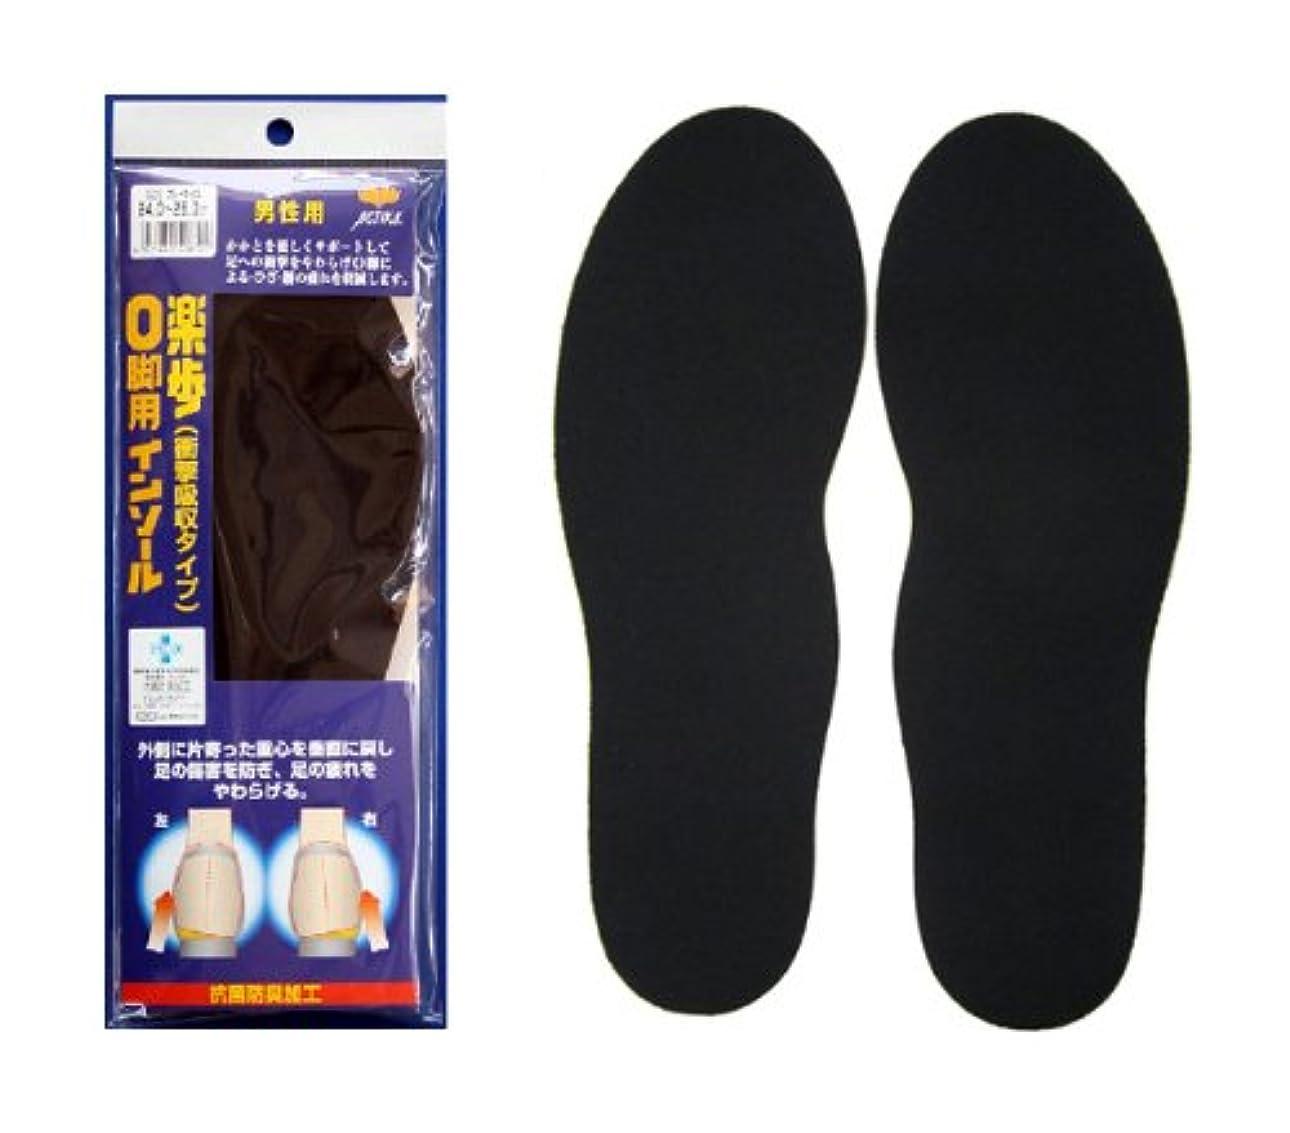 コンピューターセーターガウン楽歩 O脚用インソール 男性用(24.0~28.0cm) 2足セット  No.162